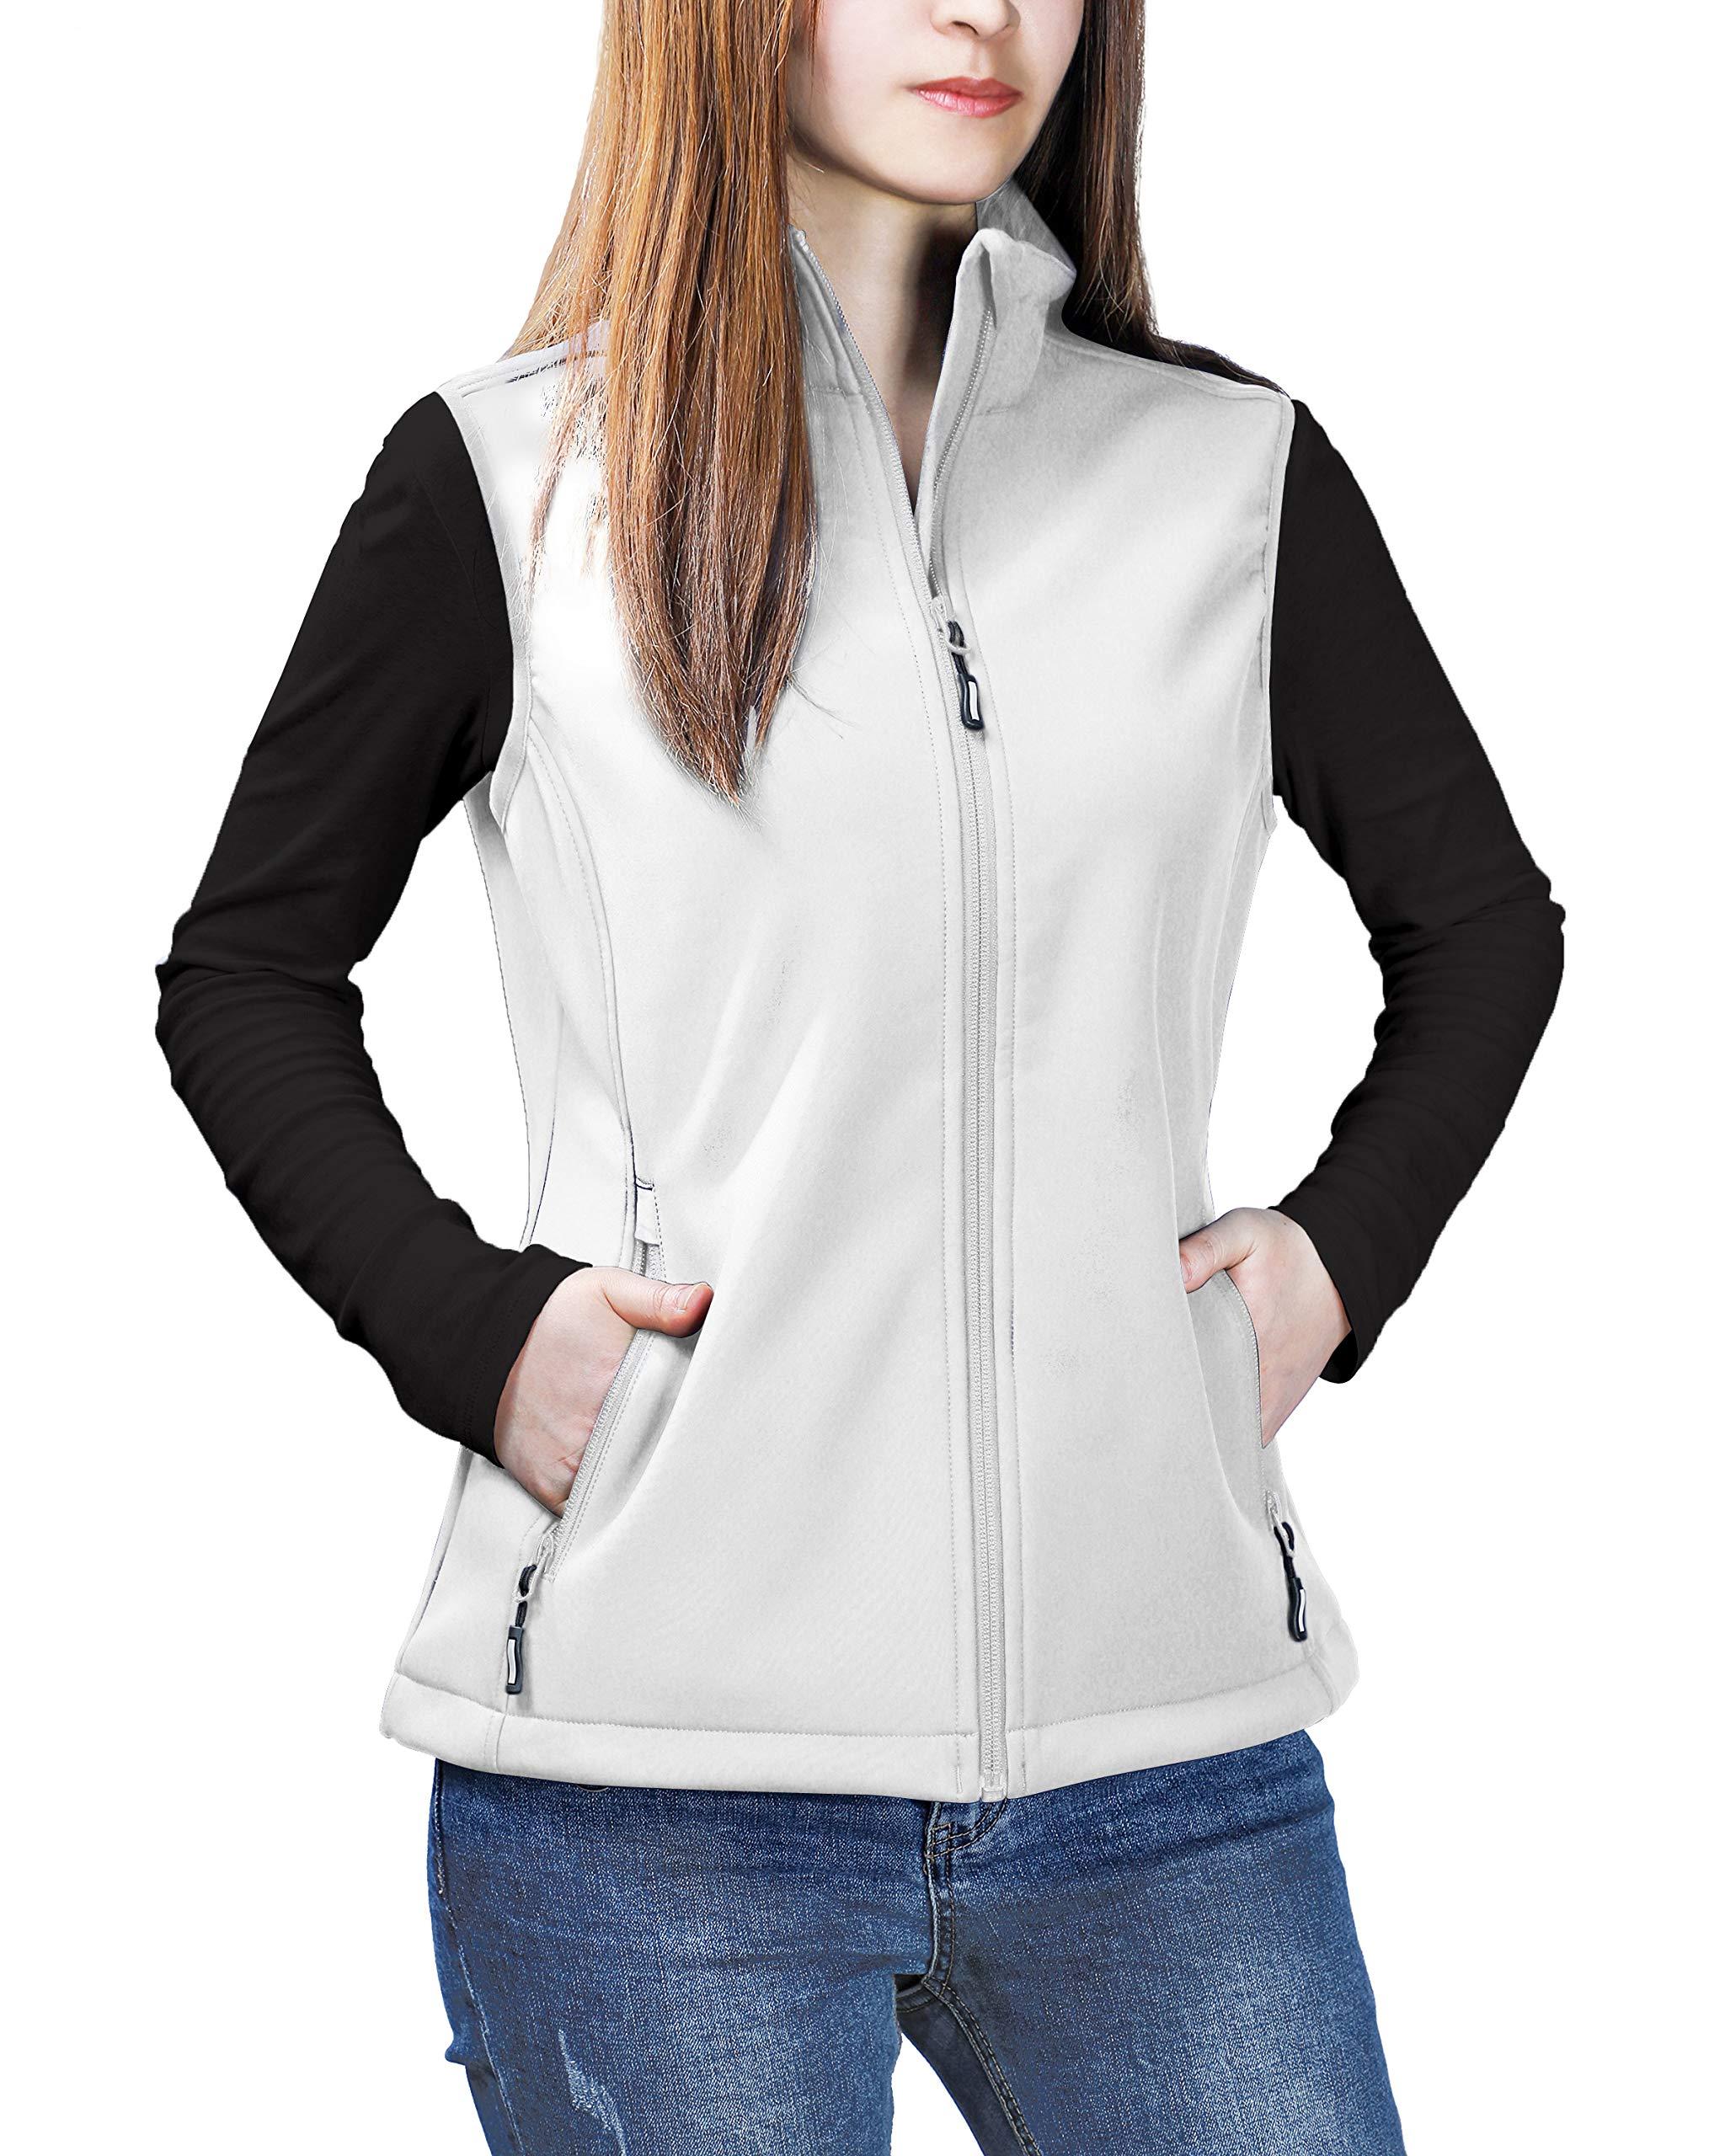 Outdoor Ventures Women's Mia Windproof Full-Zip Fleece Lined Softshell Vest White by Outdoor Ventures